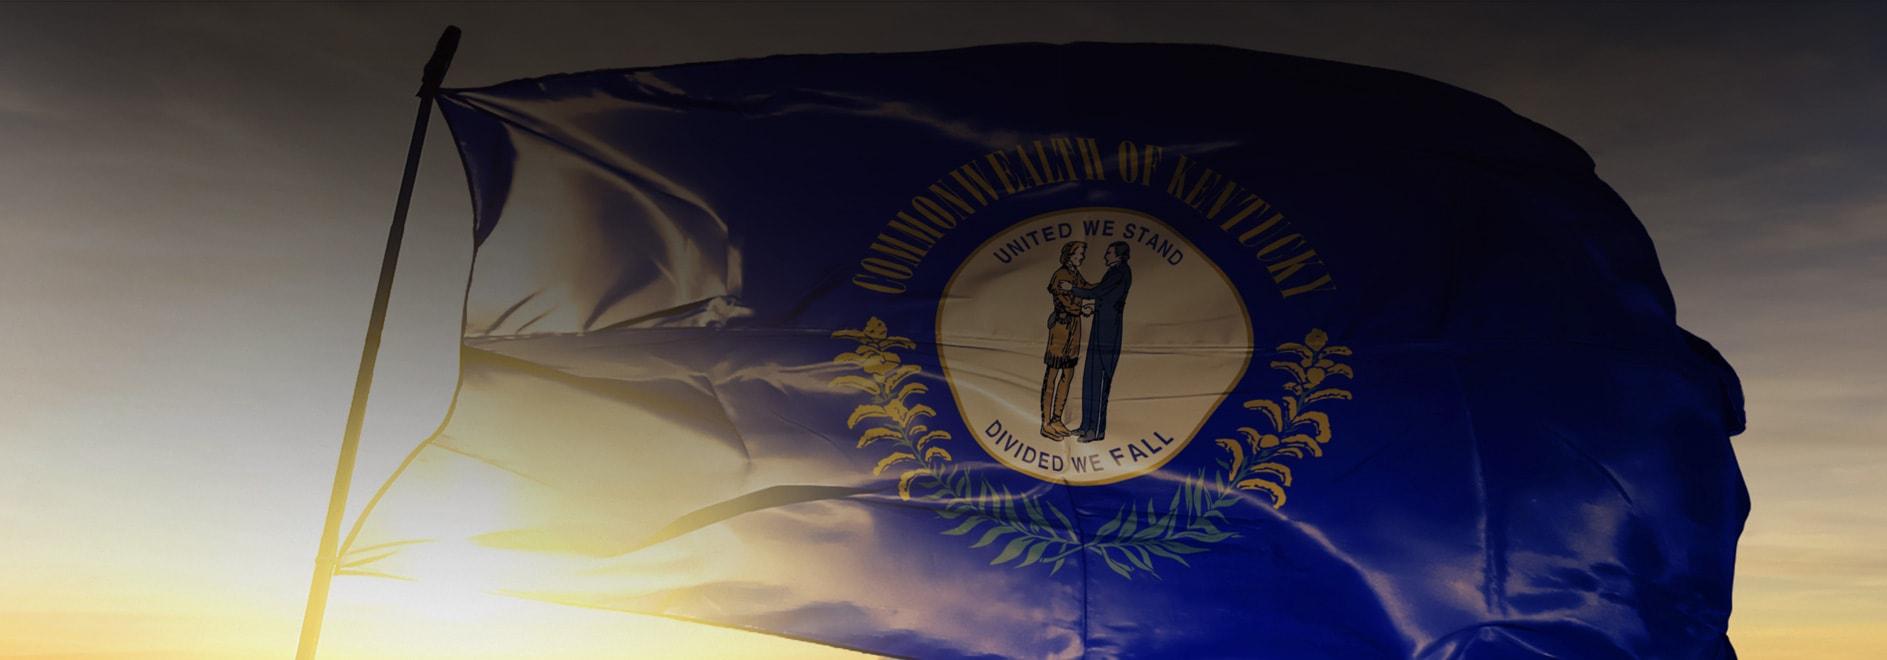 Web Design Hopkinsville Kentucky